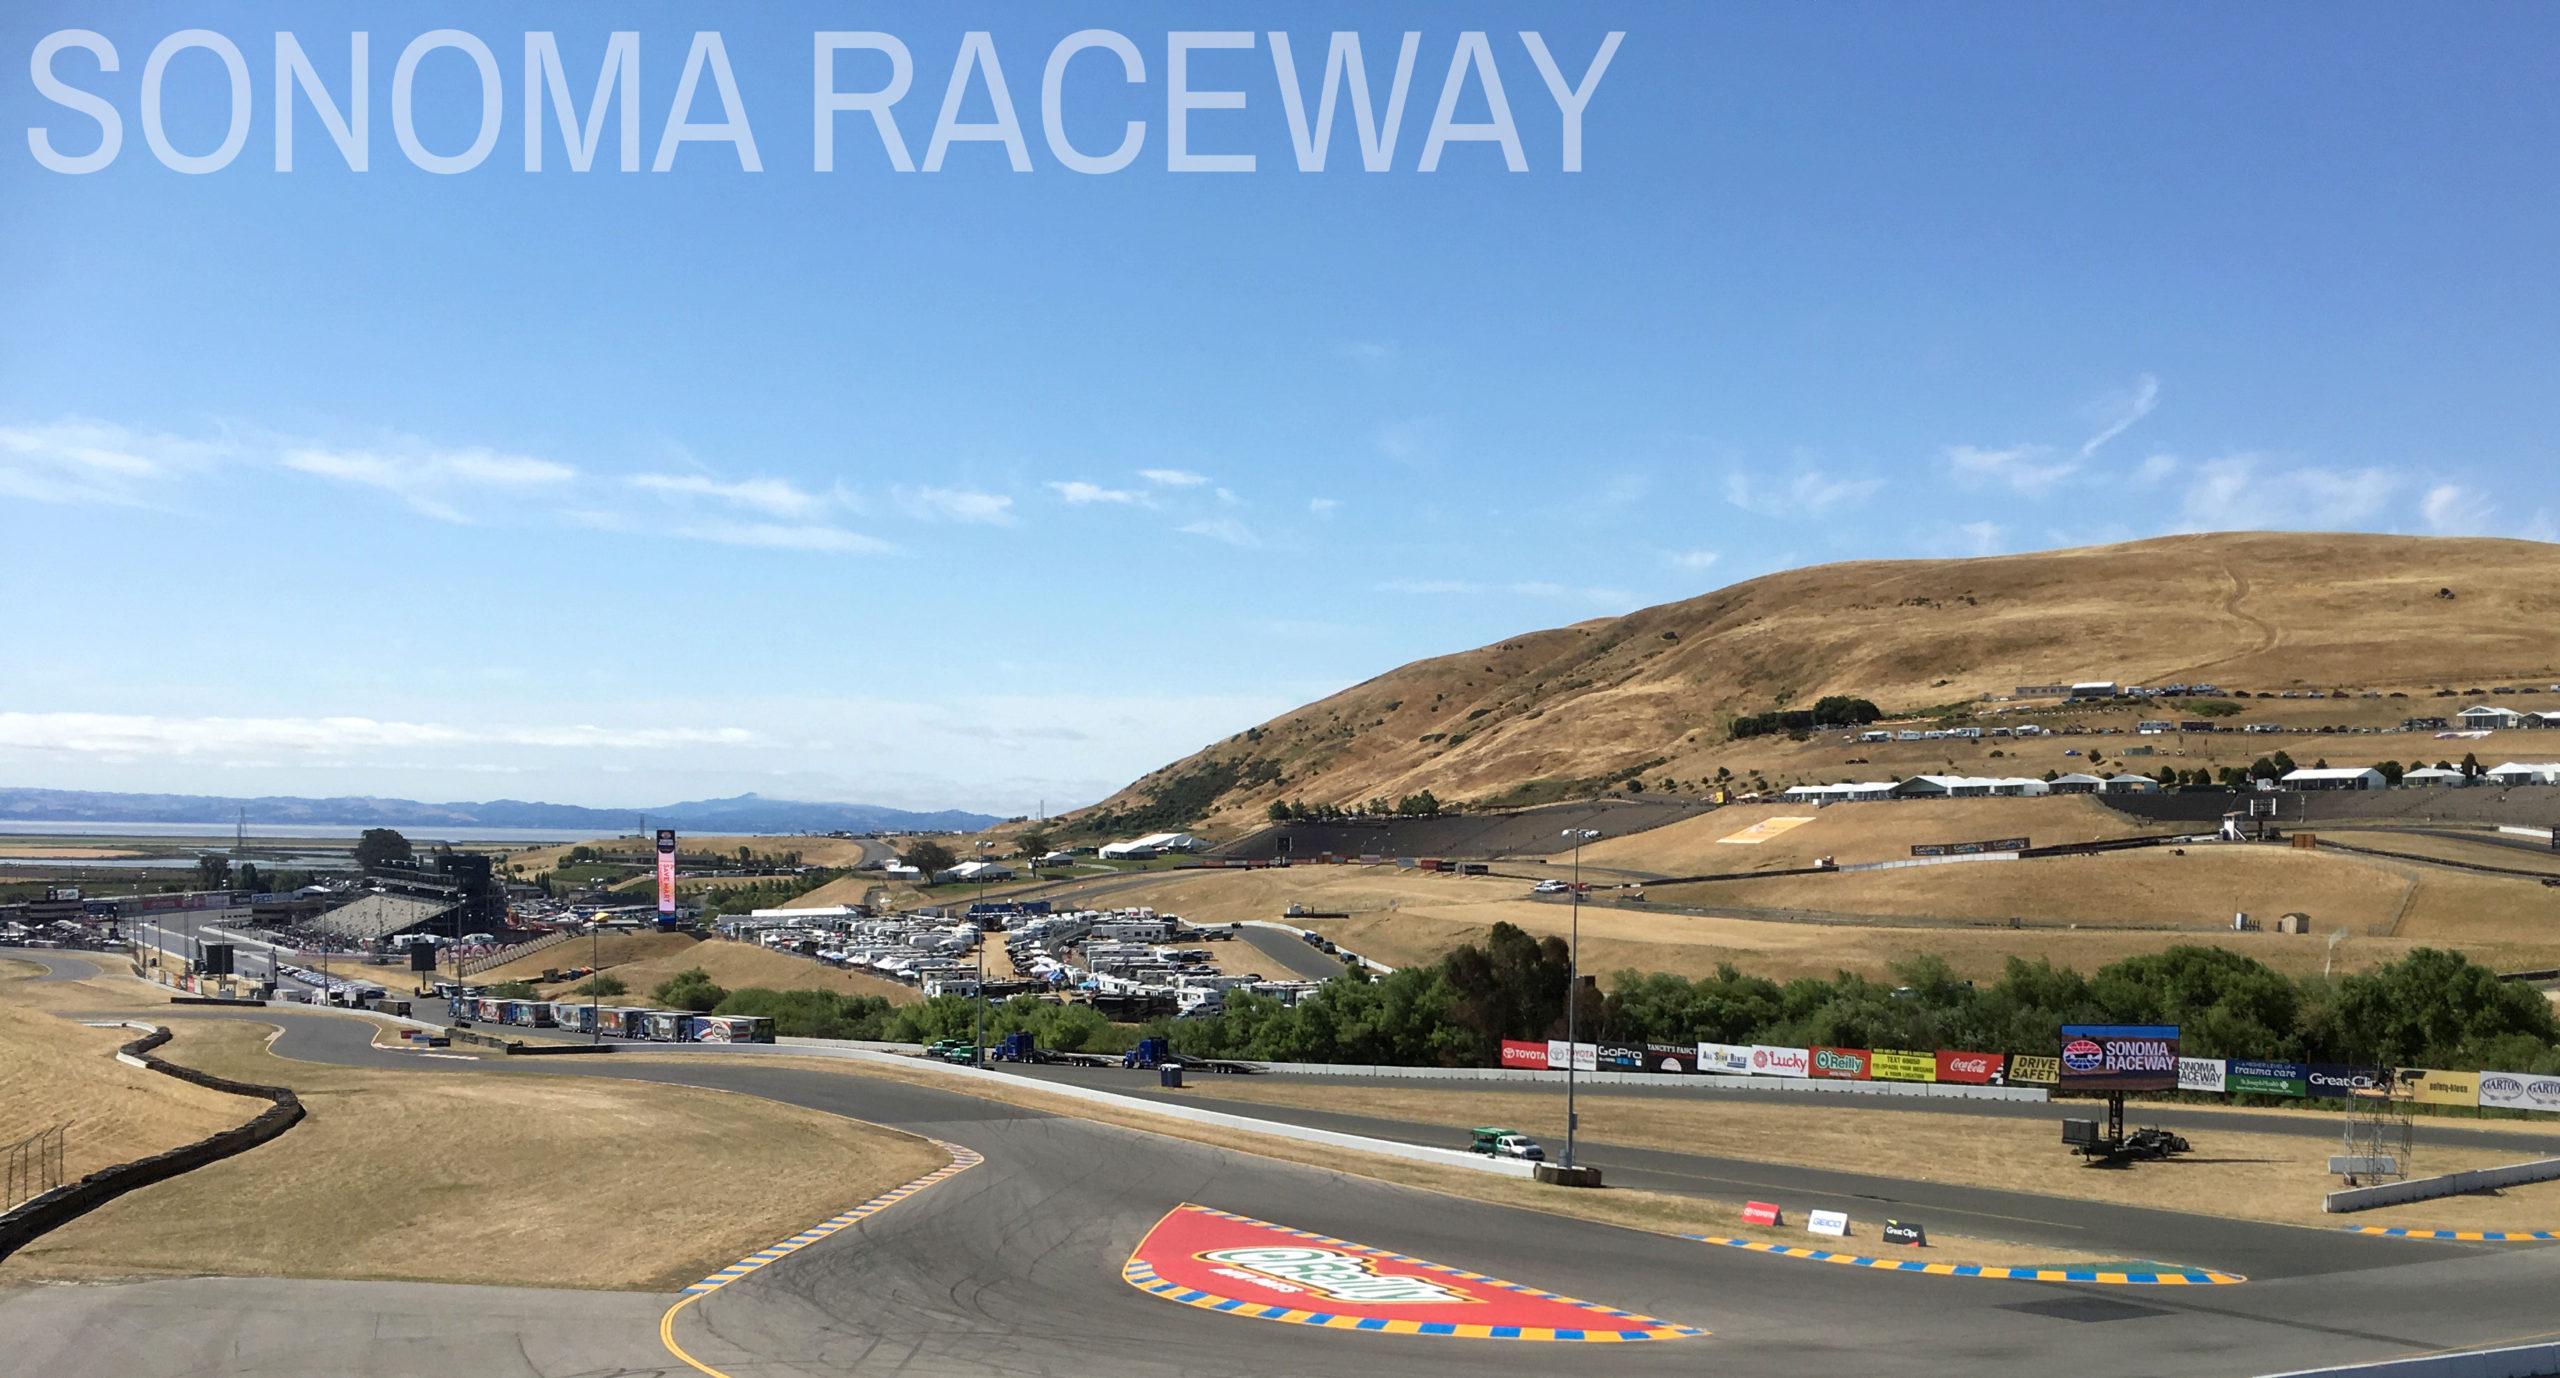 Sonoma Raceway - Sonoma, California